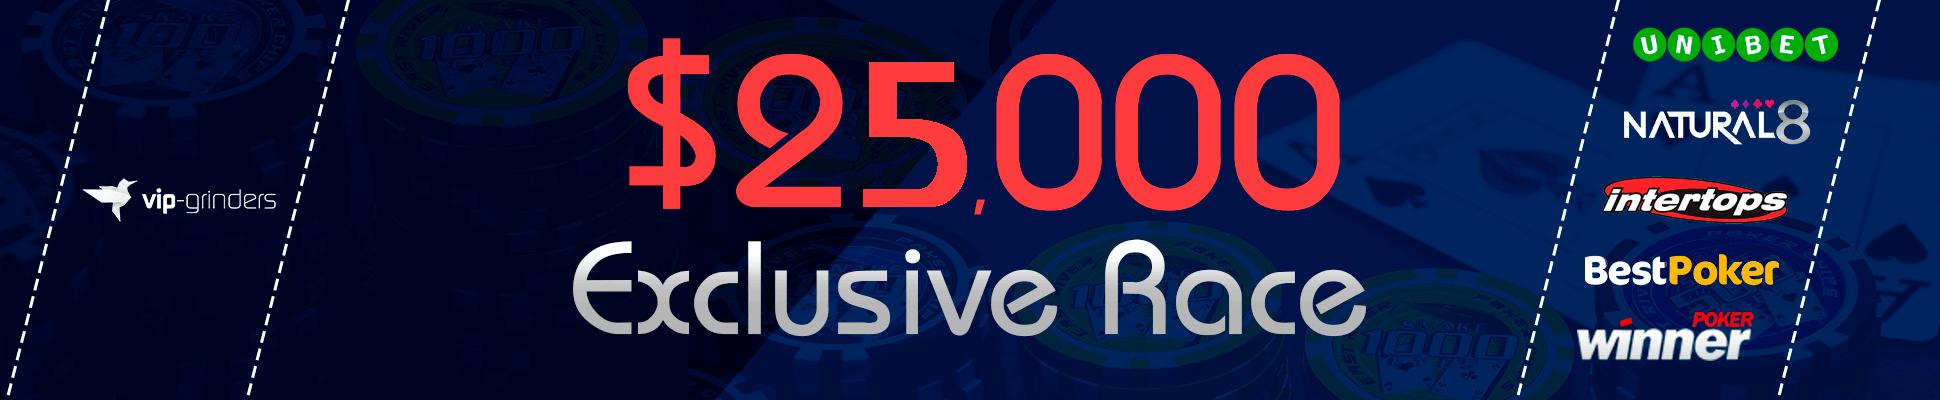 25k-exclusive-race